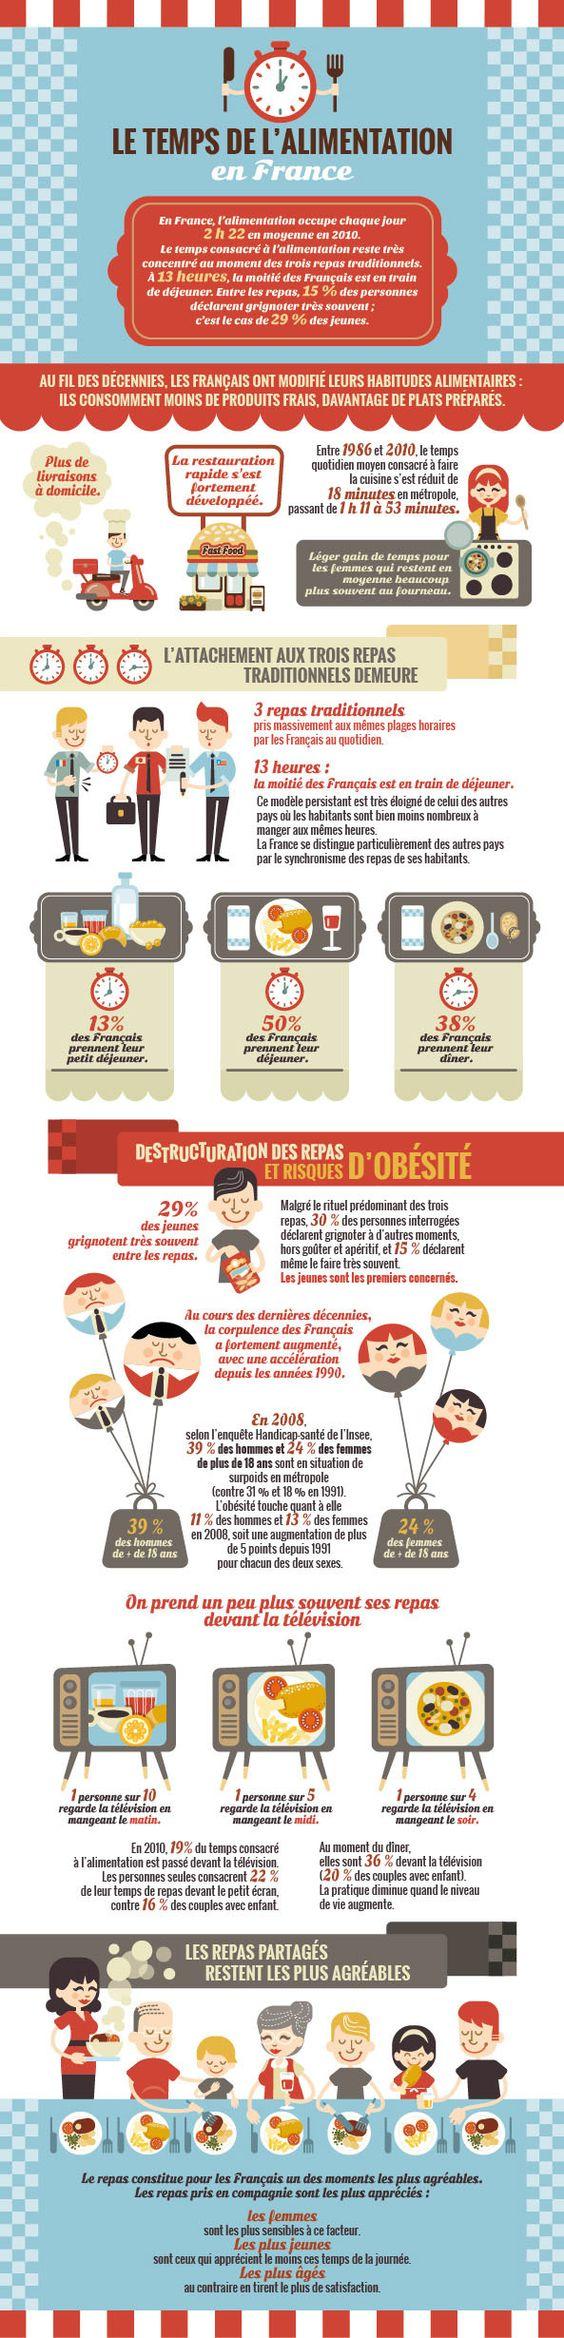 Le temps de l'alimentation en France #infographic #infografía: